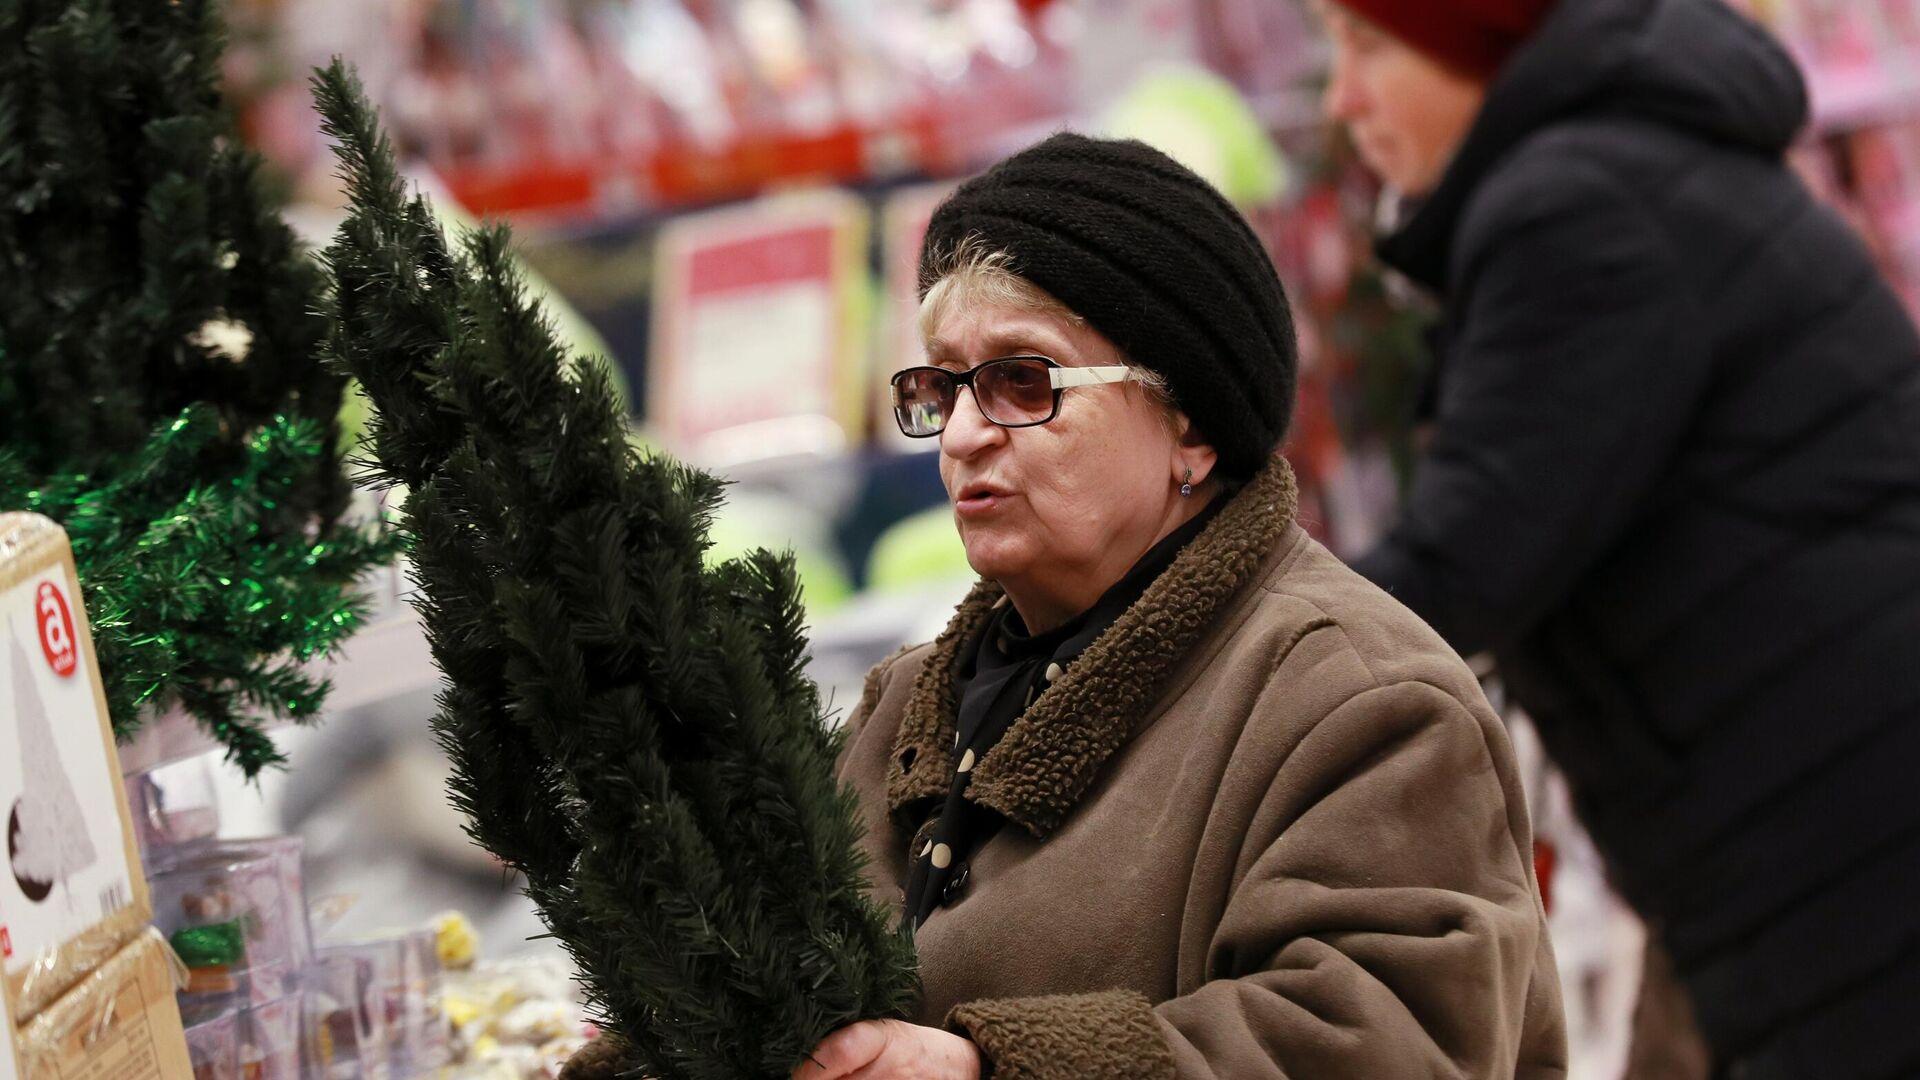 Женщина выбирает новогоднюю ёлку в гипермаркете Ашан в Москве - РИА Новости, 1920, 01.12.2020